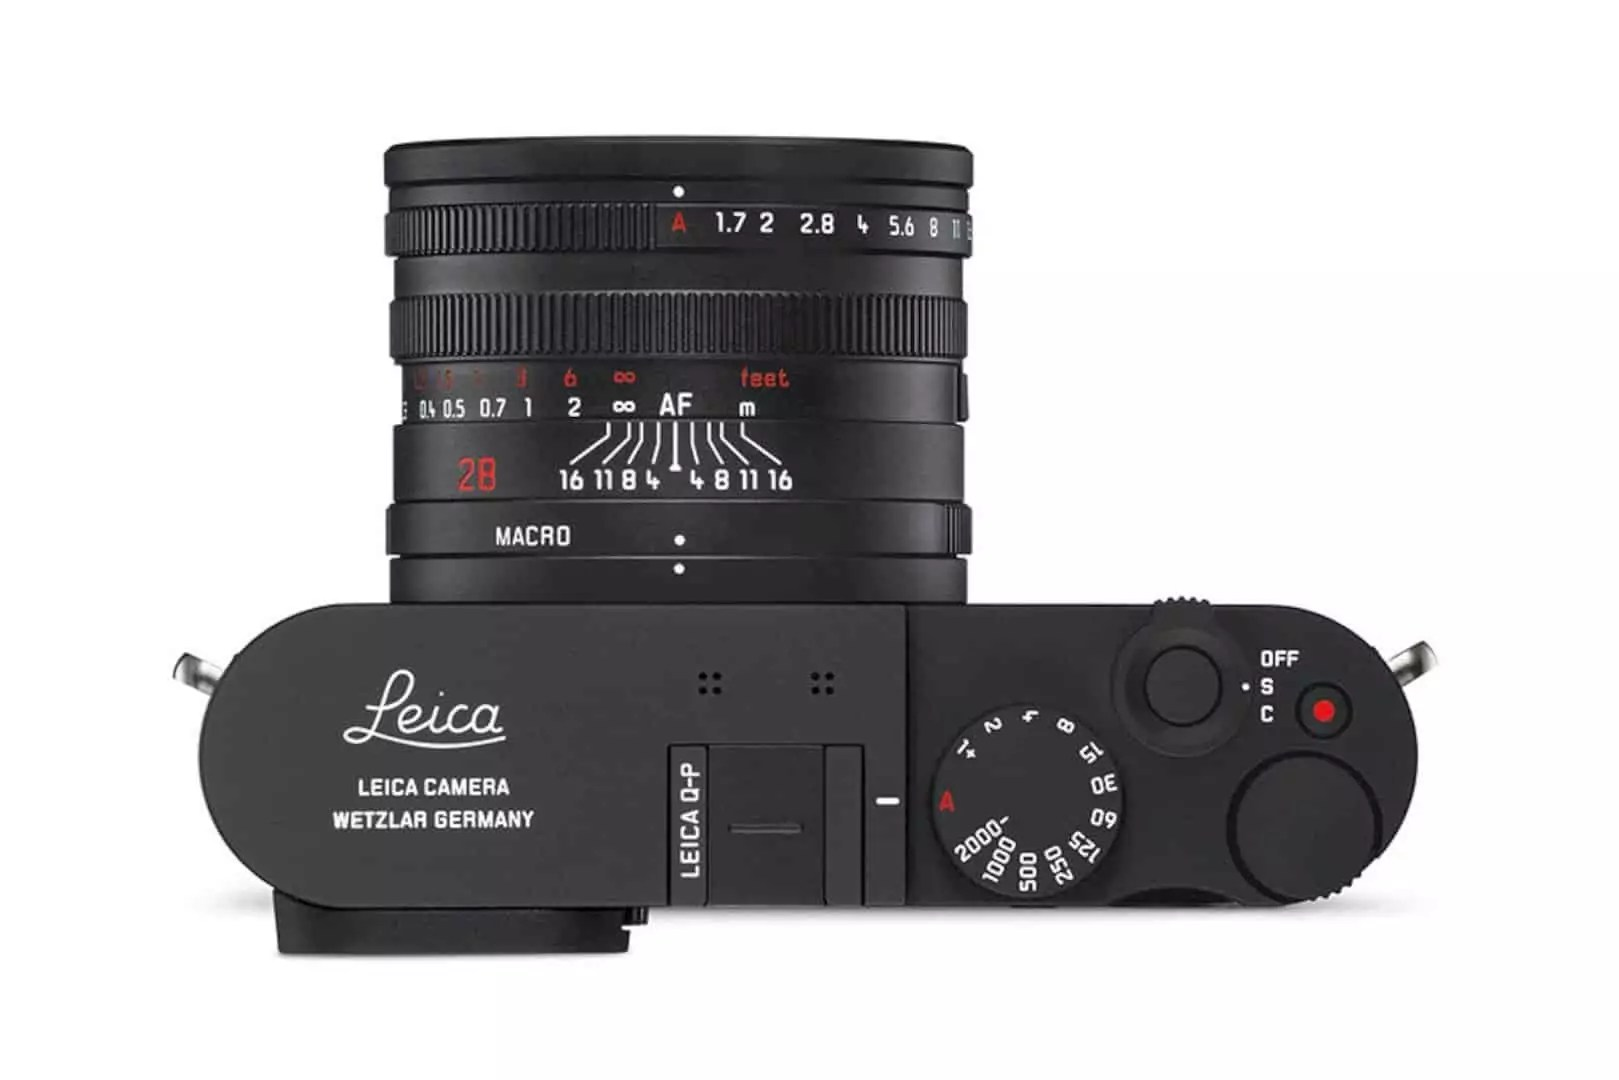 Leica Q-P: An artful statement of understatement